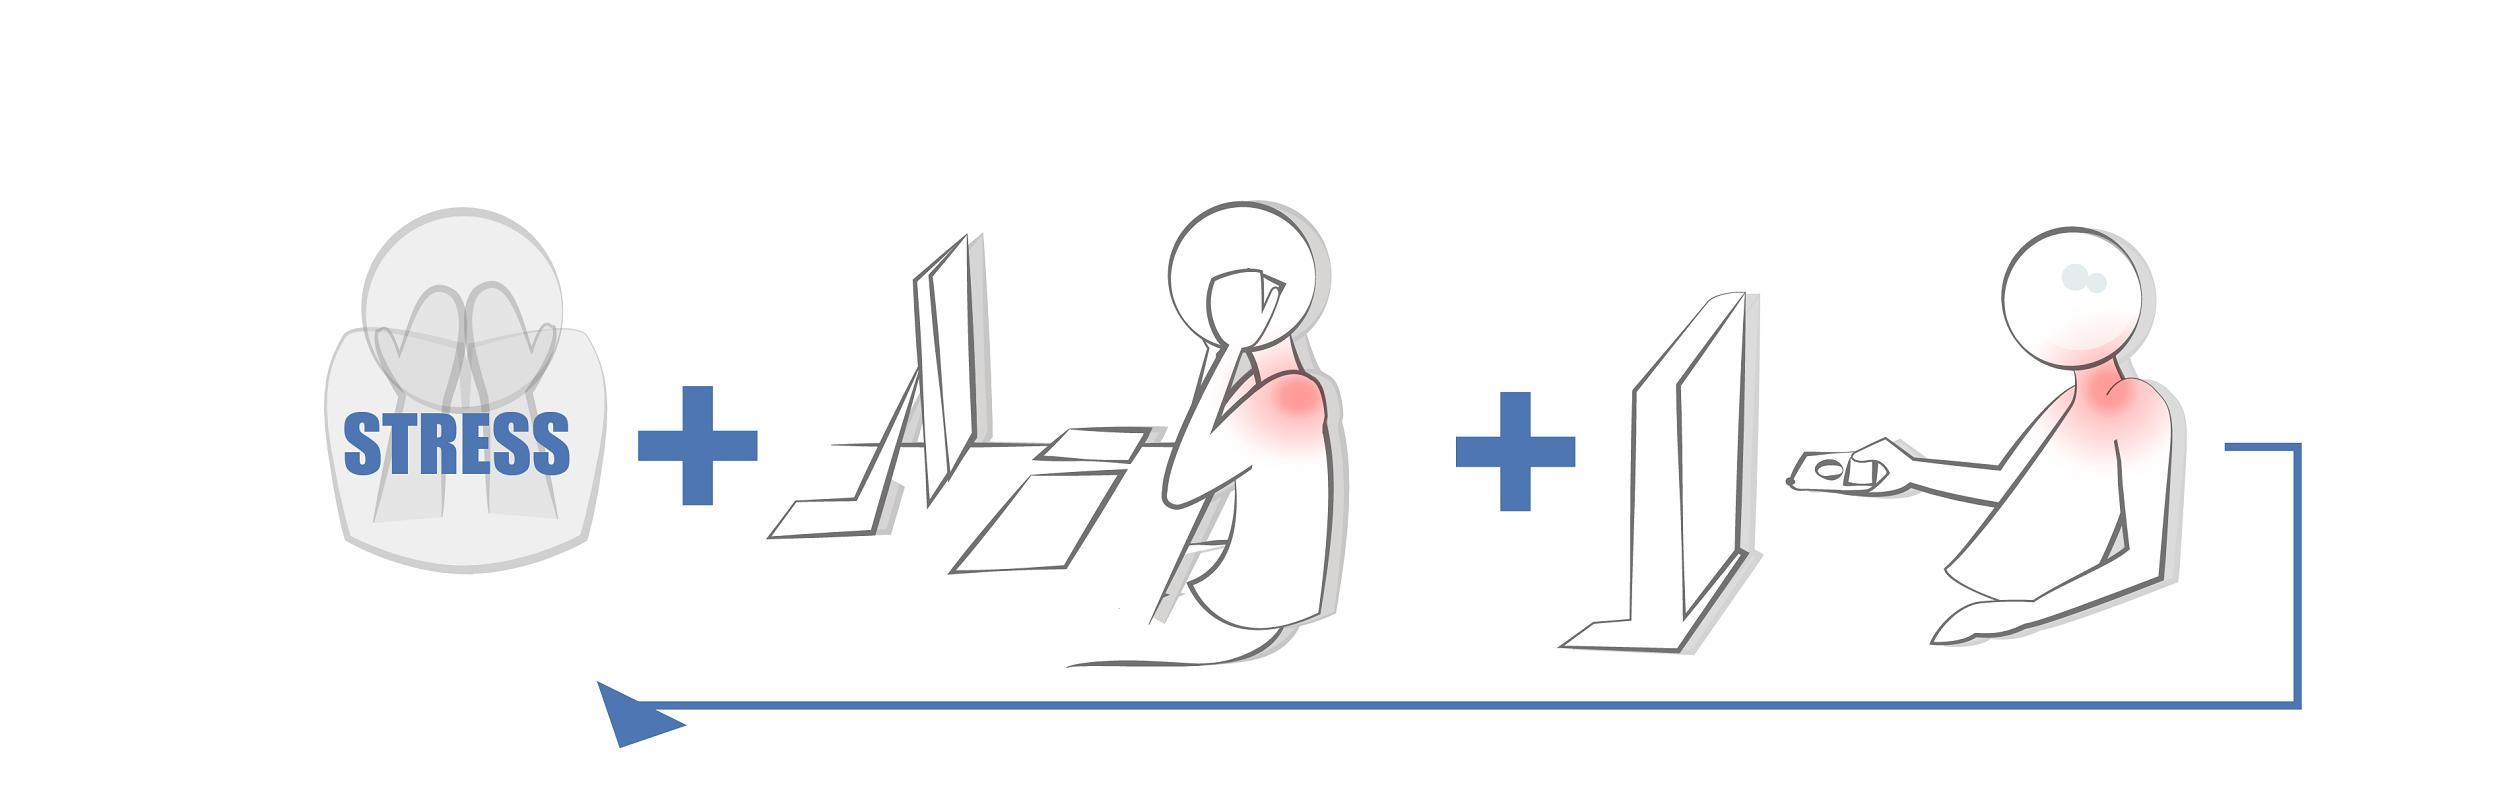 Stressphase 2 - Illustration Entstehung sensomotorische Amnesie mit Folge Depression